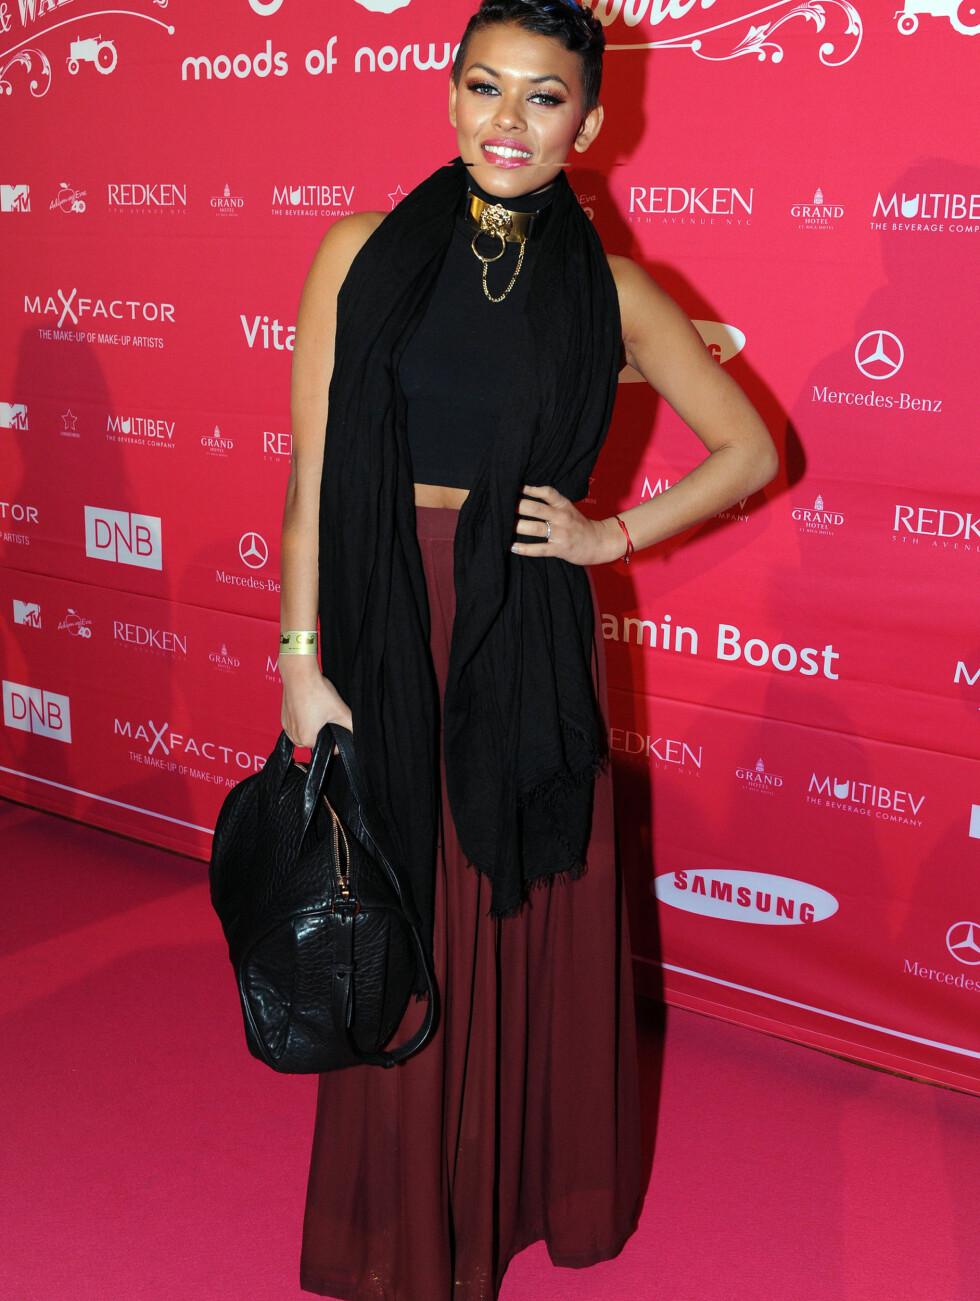 SKRYT: Alexandra Joner hylles ofte for sin kule moderne stil. Hun kom i fotside vinrøde bukser og sort magetopp.  Foto: Stella Pictures